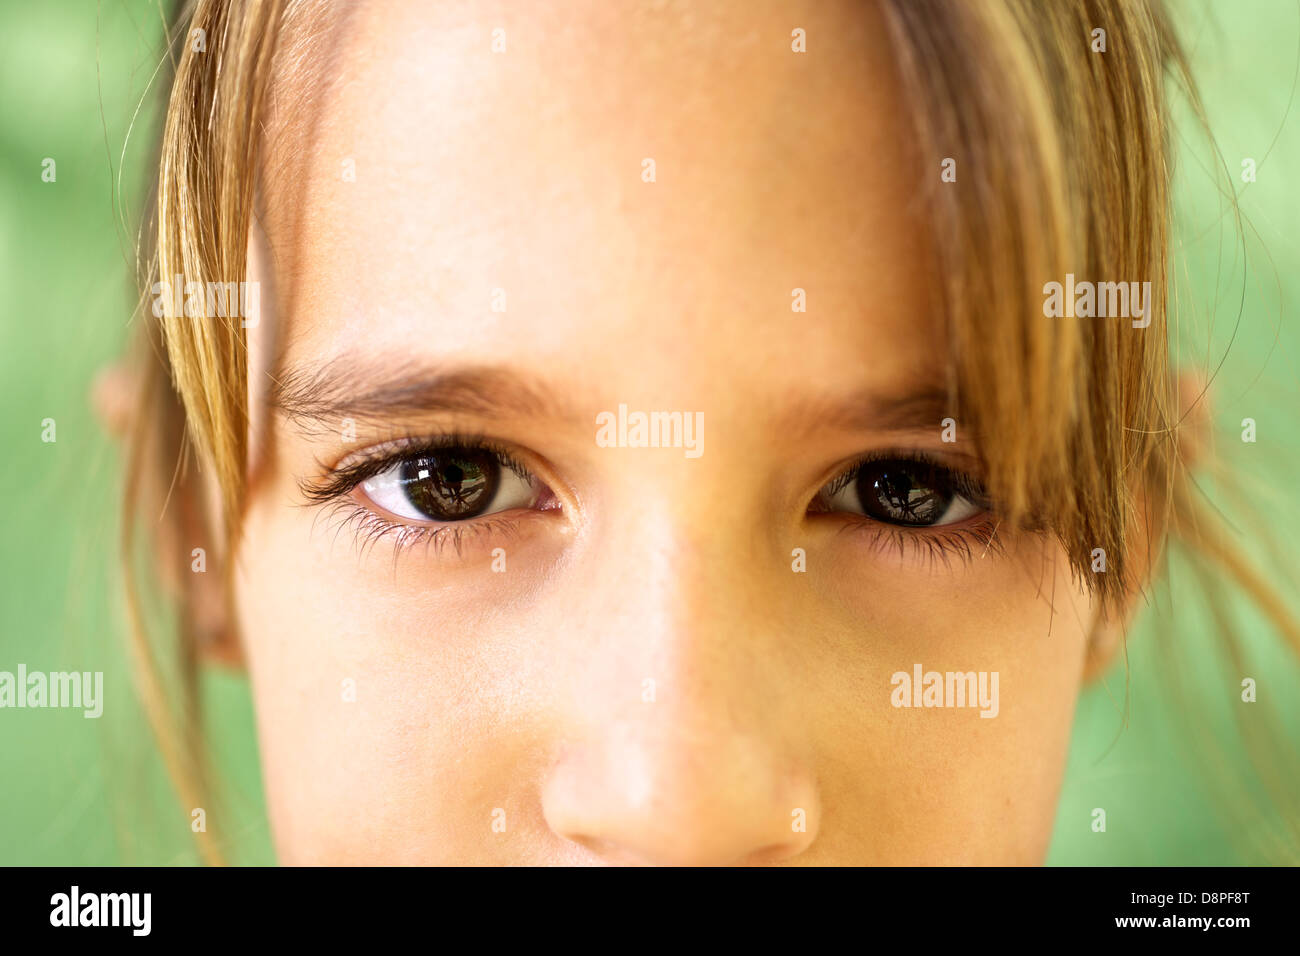 Junge Menschen und Emotionen, Porträt von schweren Mädchen Blick in die Kamera. Nahaufnahme der Augen Stockbild